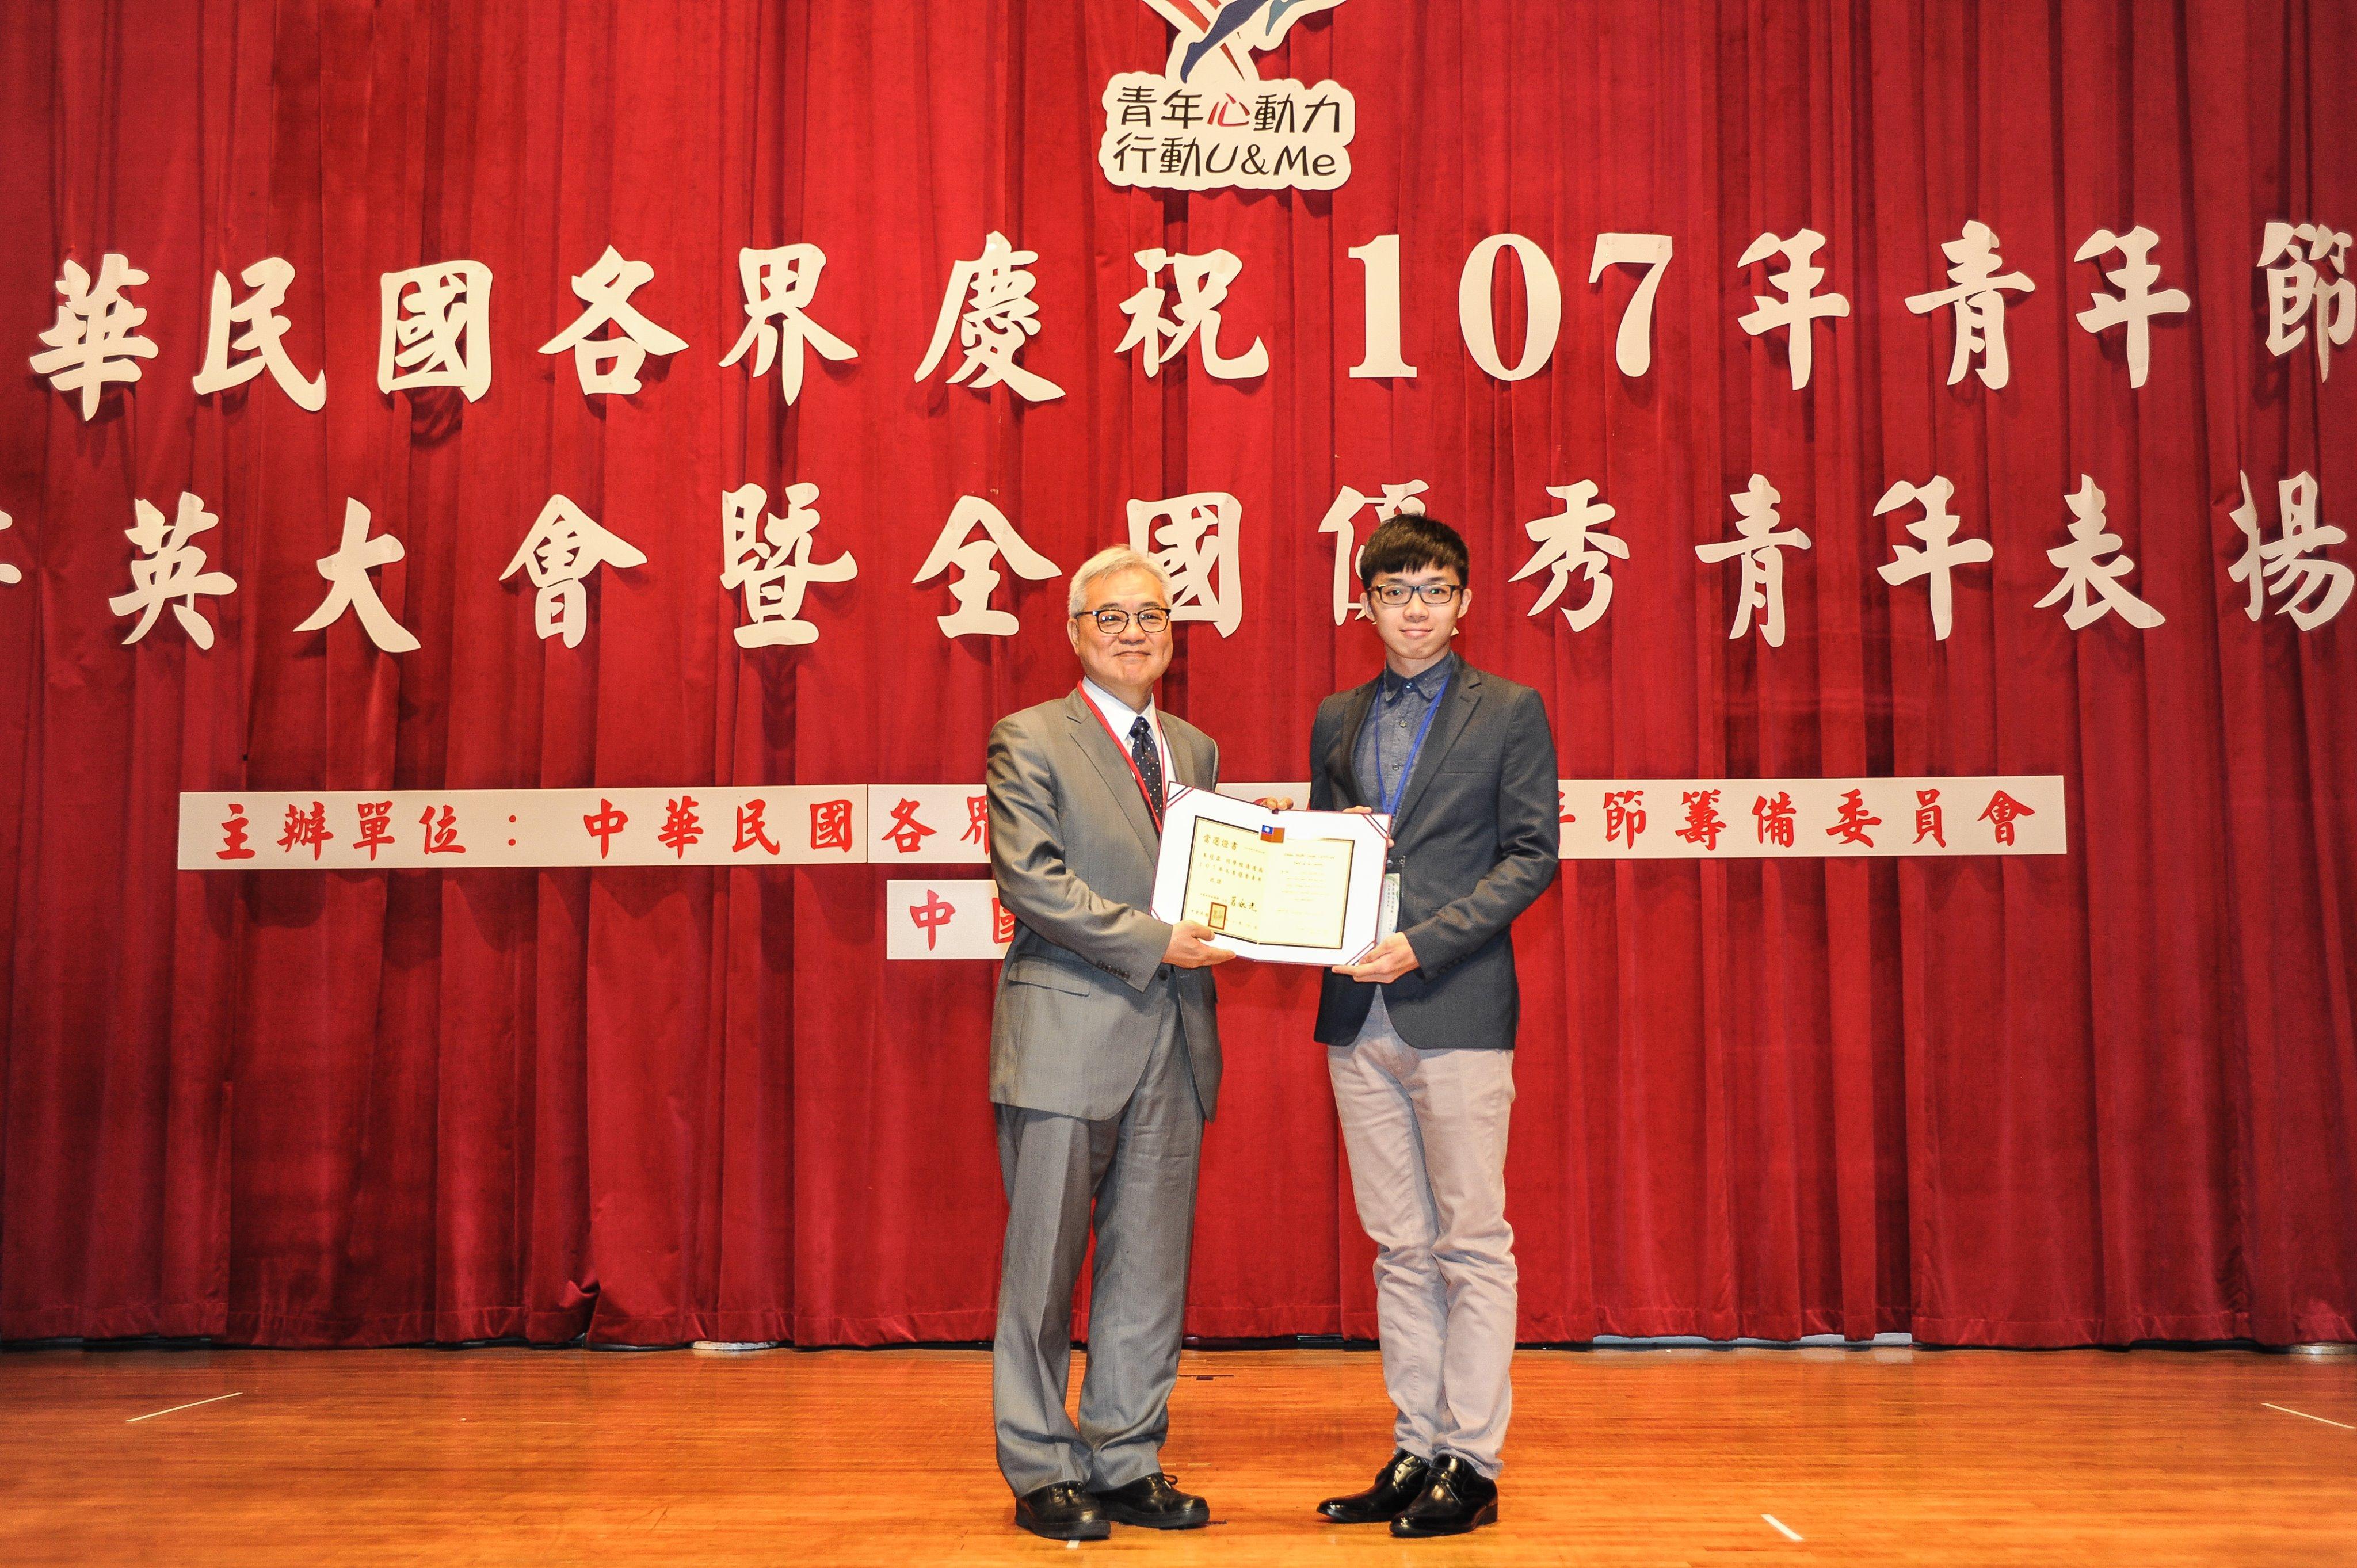 恭喜護理科五年6班朱冠霖同學榮獲「107年全國優秀青年表揚」